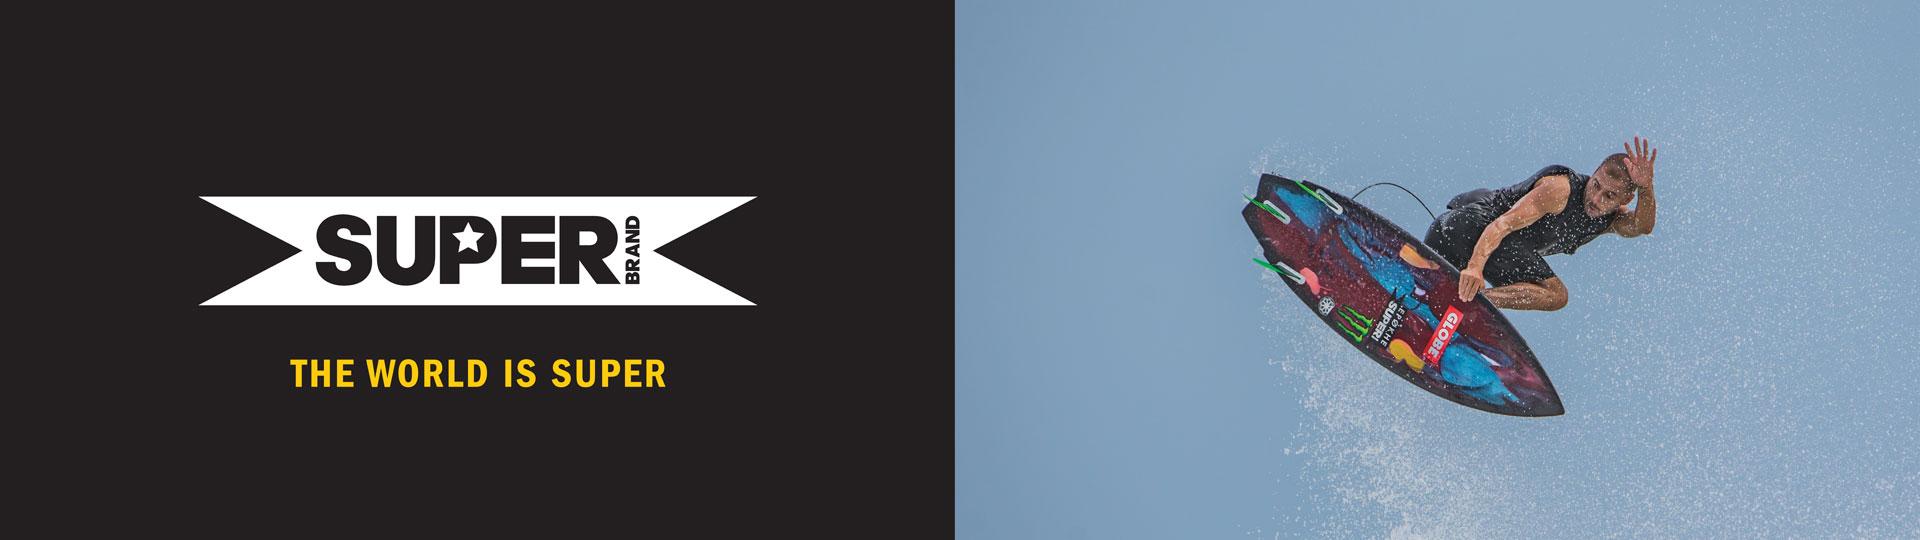 Banner - Super